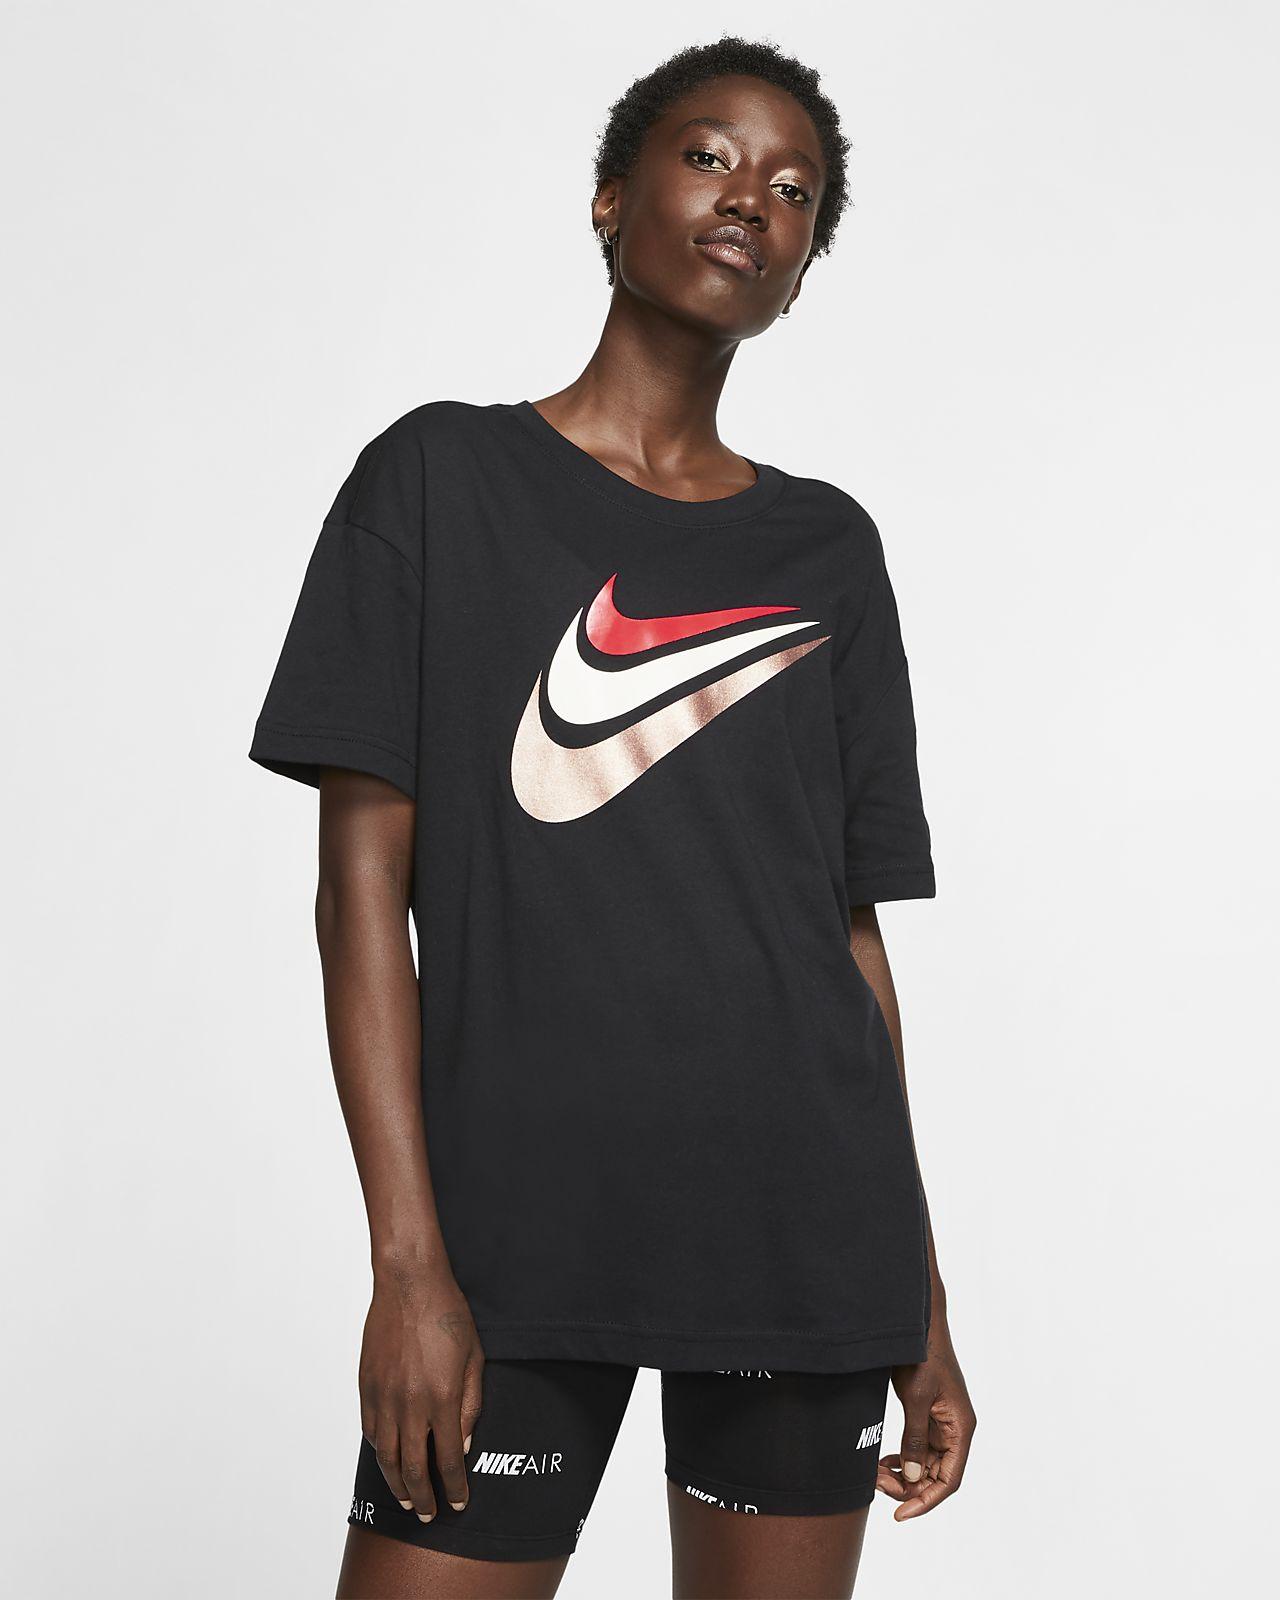 Nike Sportswear Women's T Shirt